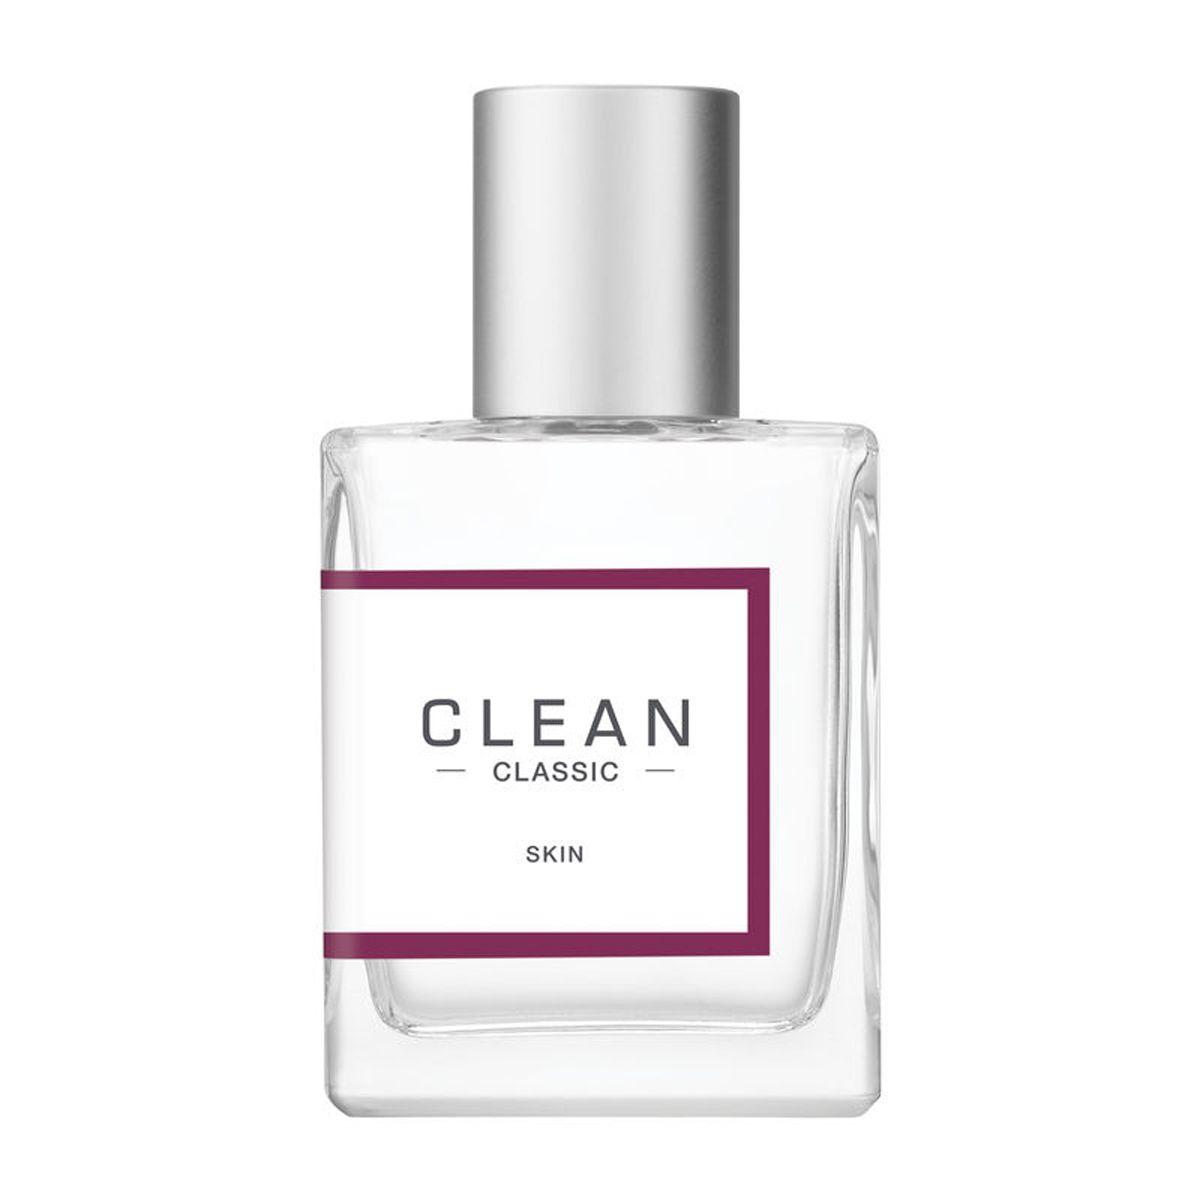 CLEAN Skin Eau De Parfume 30 ml med24.no